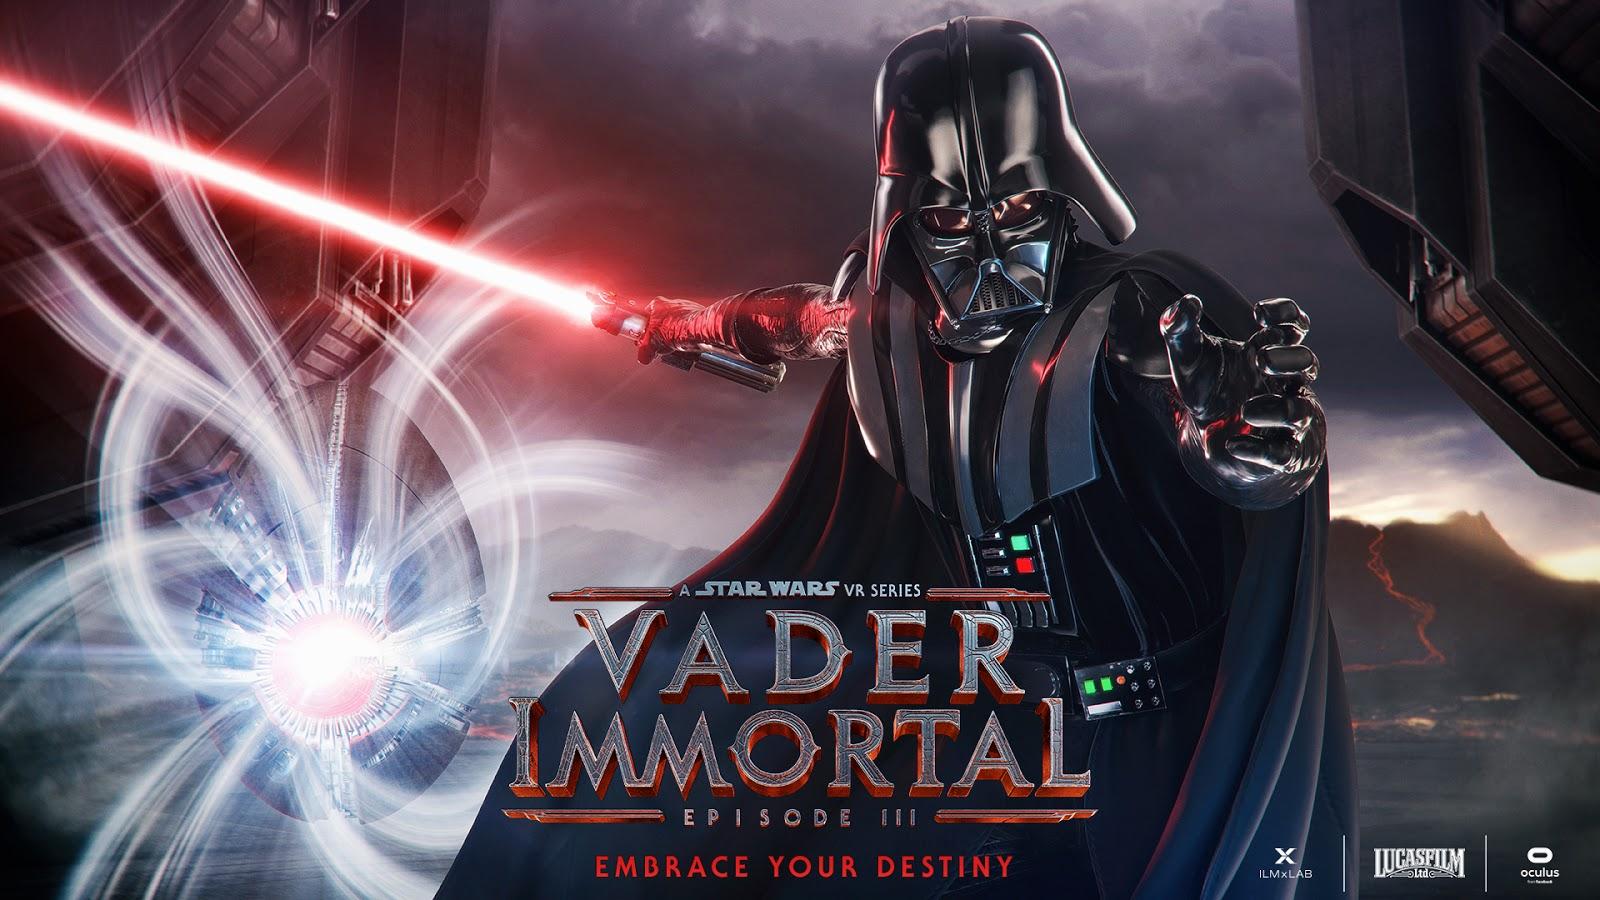 Vader Immortal ya está disponible en PlayStation VR